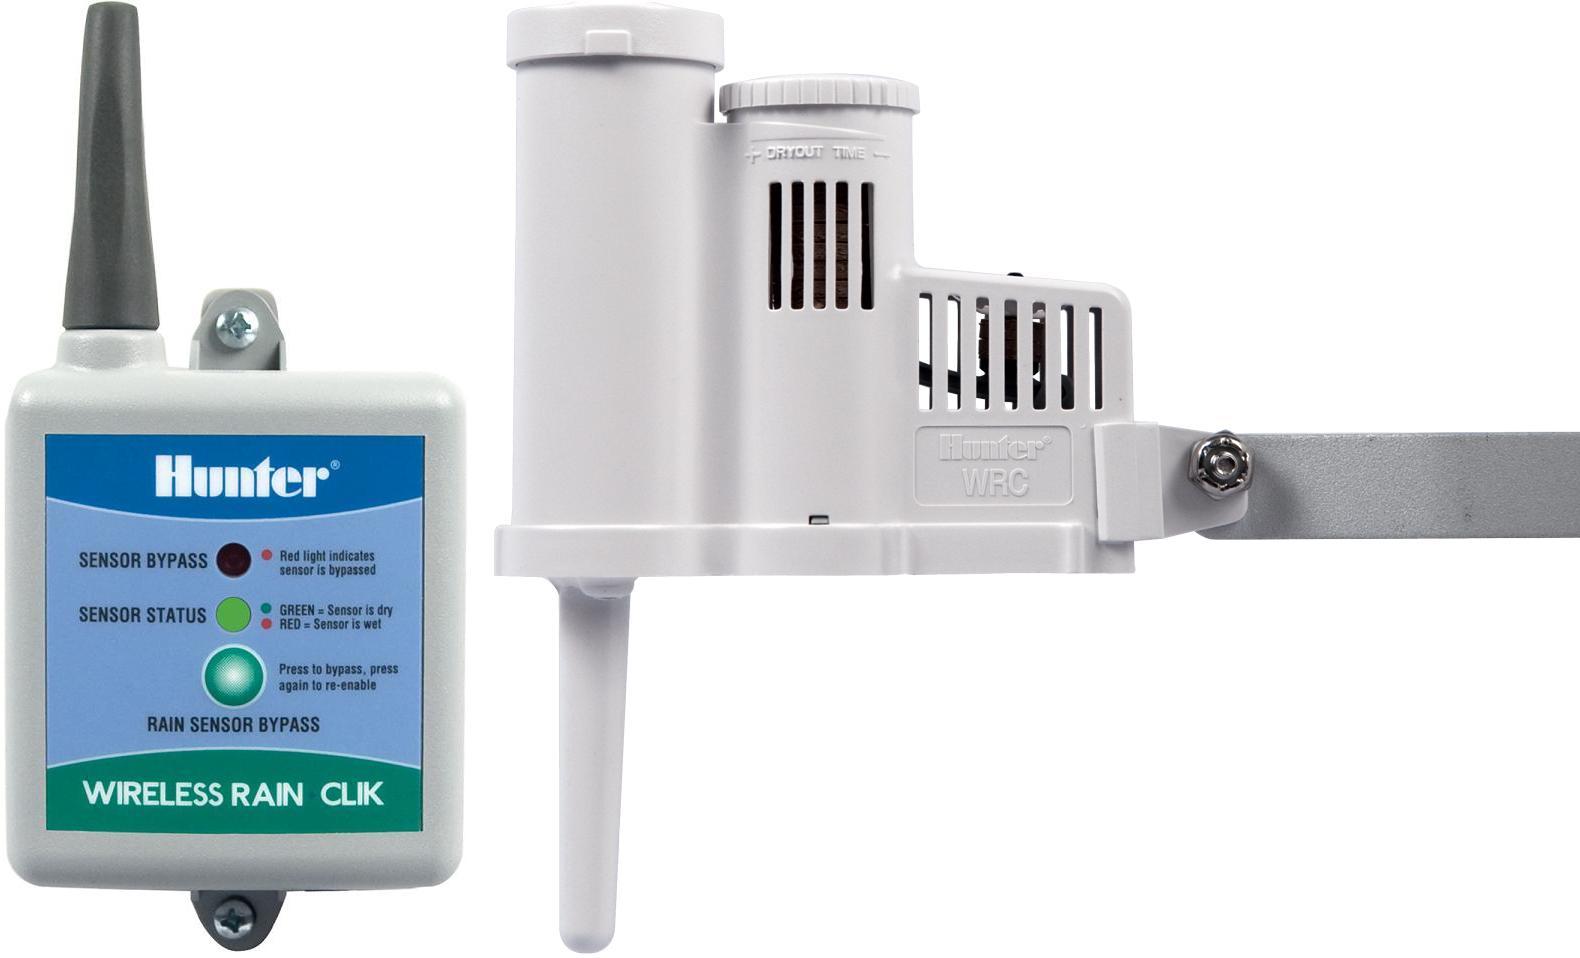 Hunter WRCLIK Wireless Rain Clik Sensor